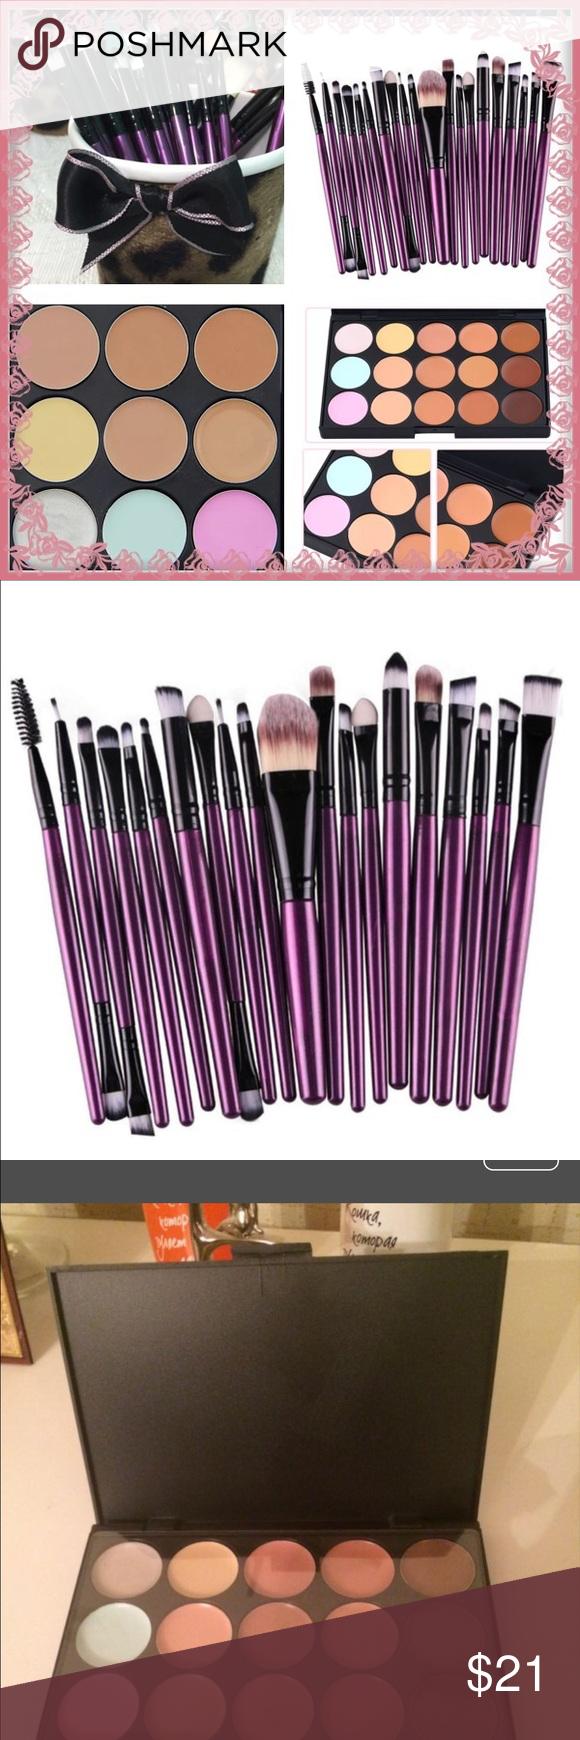 20 purple makeup brushes & Contour Boutique Purple